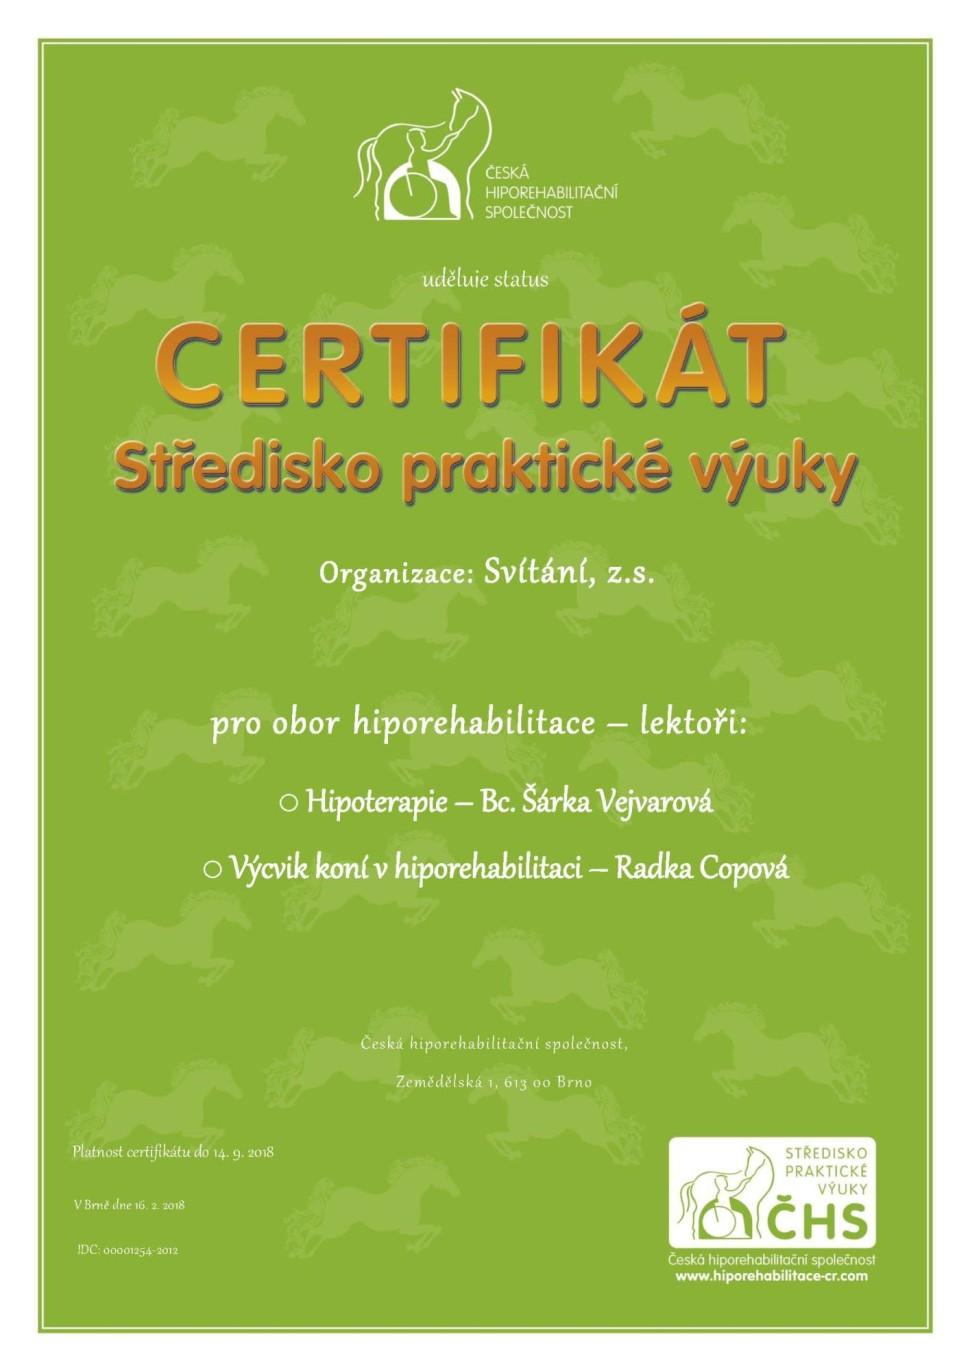 Svítání-Certifikat_SPV_2018